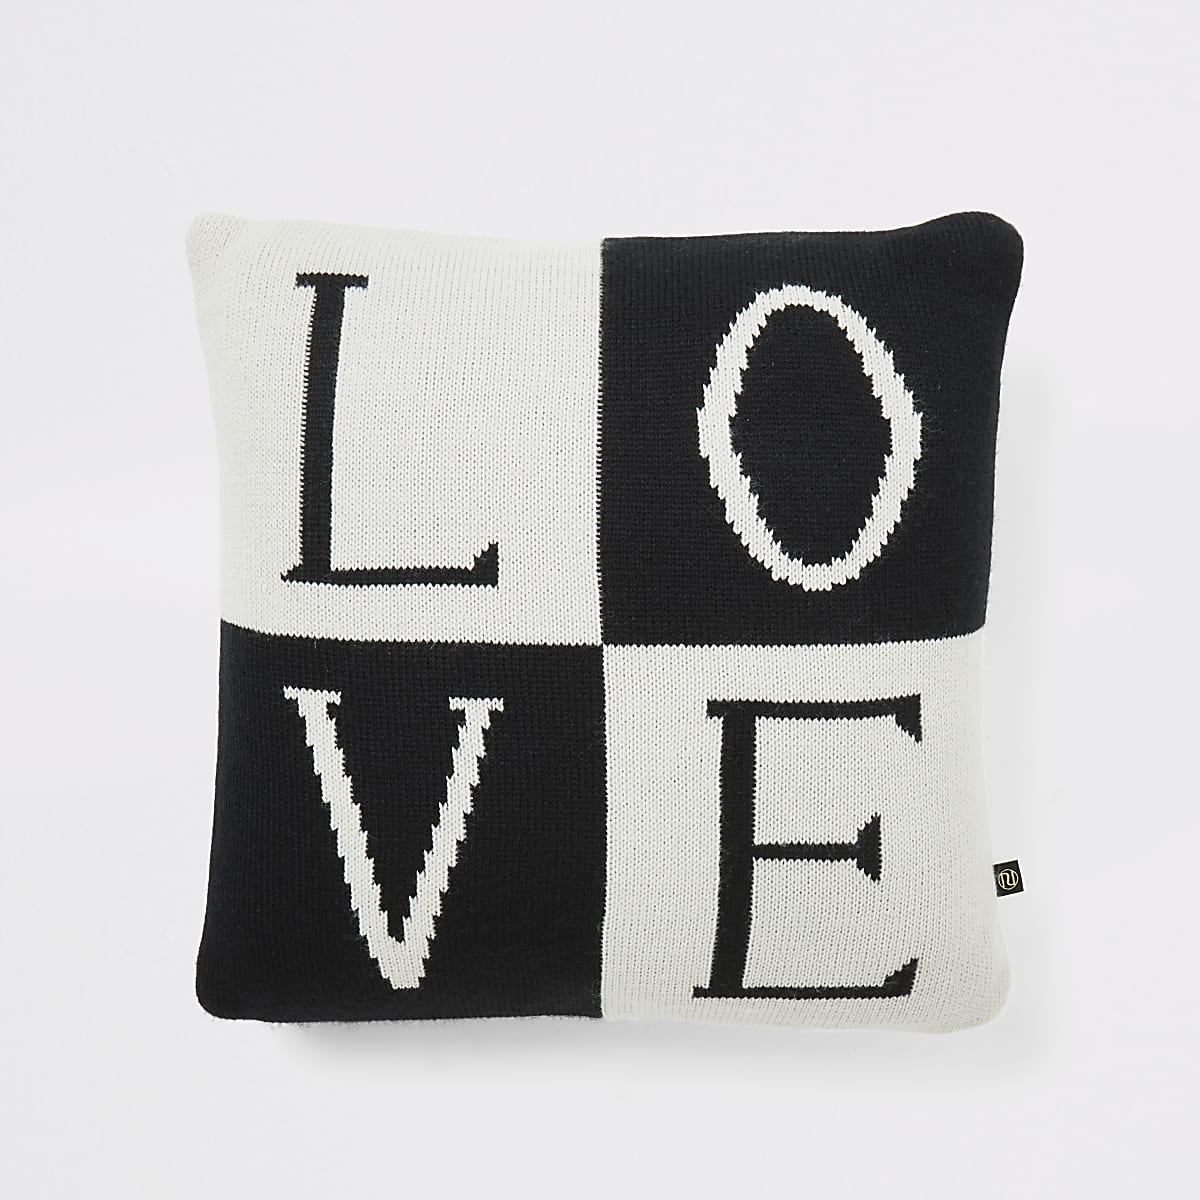 Zwart gebreid kussen met 'Love' slogan